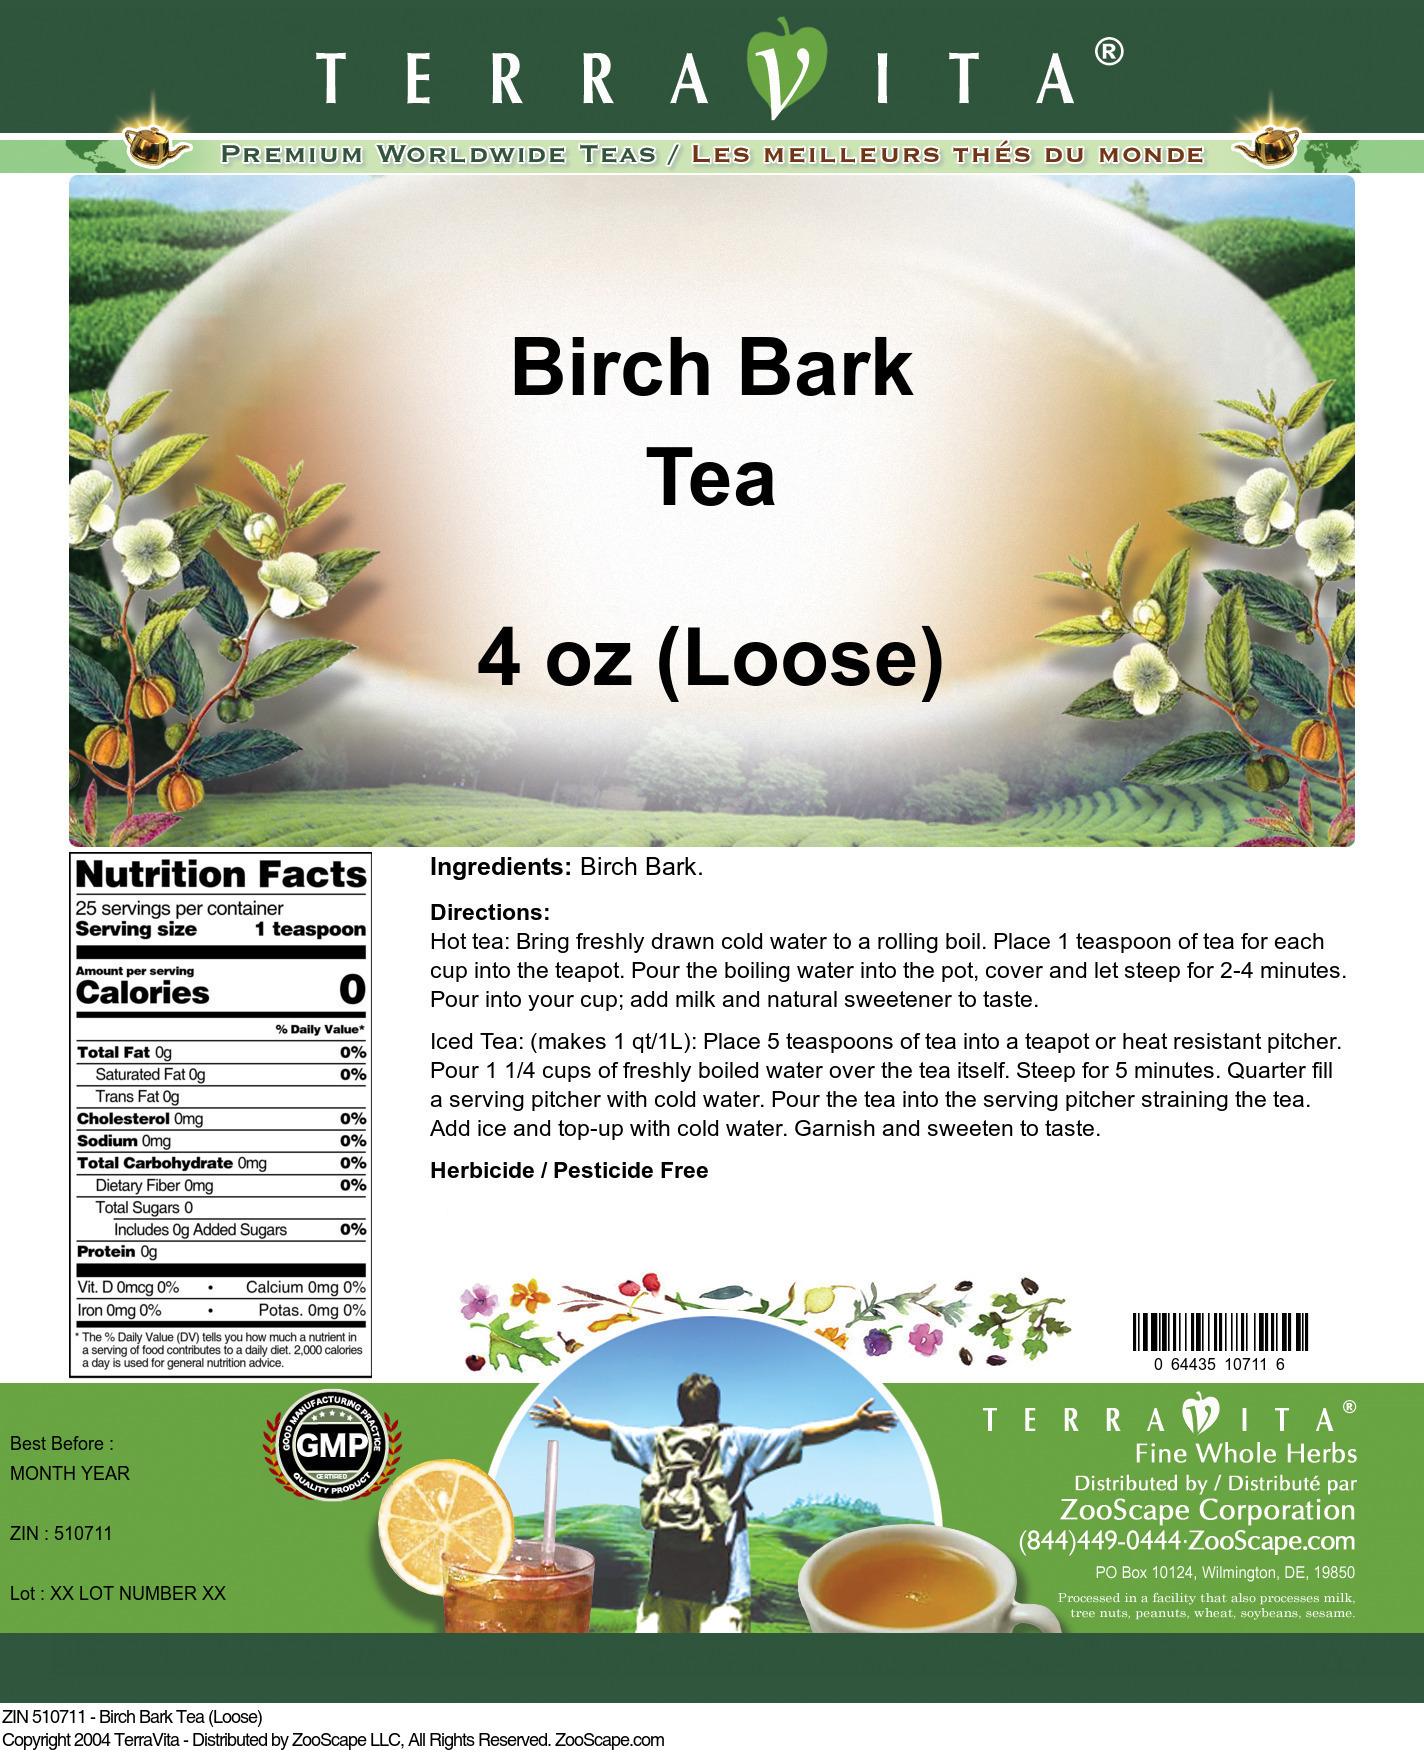 Birch Bark Tea (Loose)